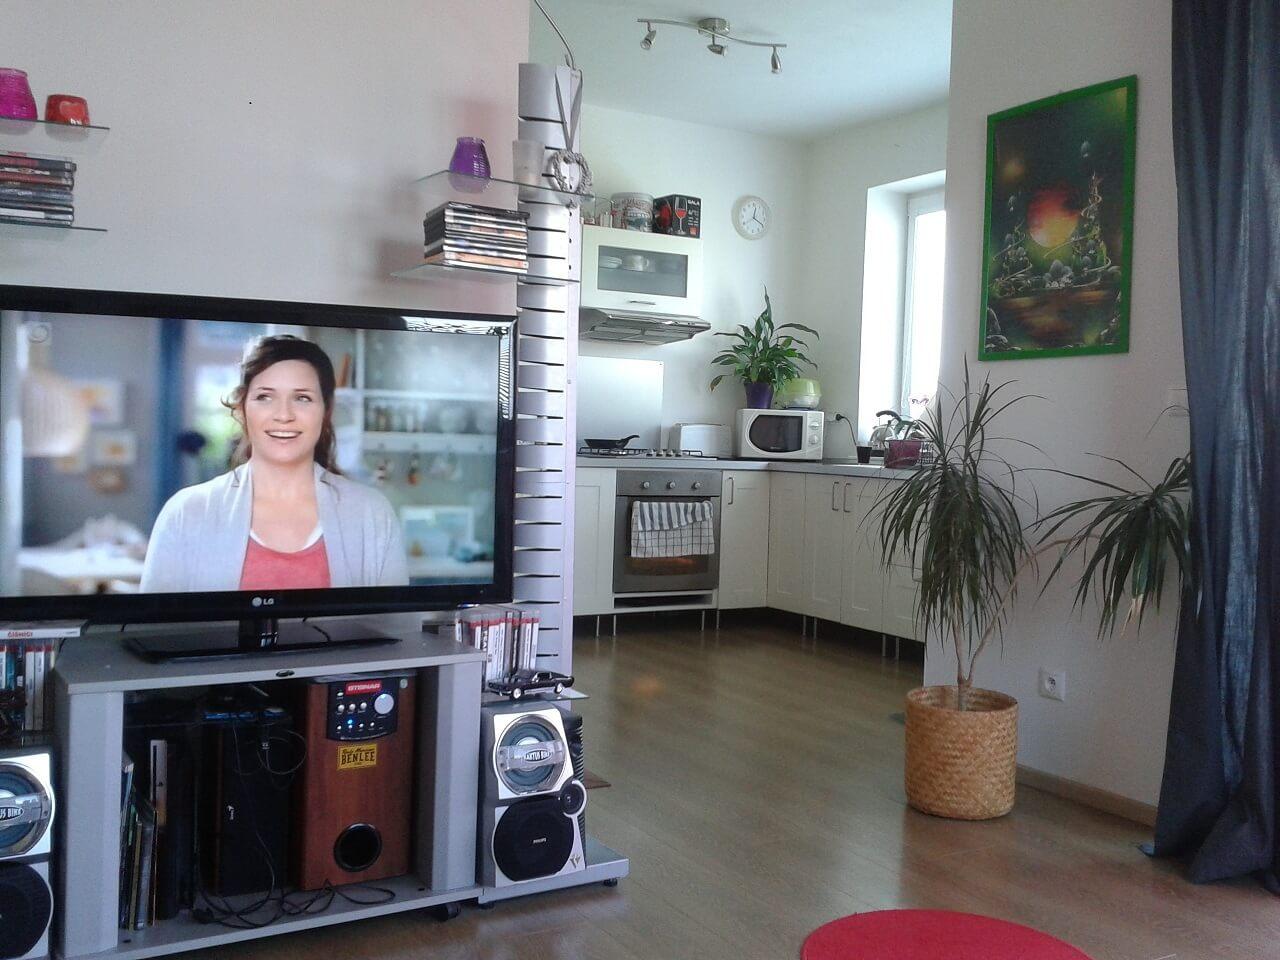 Predaný: Exkluzívne na predaj 3 Izbový byt v novostavbe, 87,2m2, loggia 7,4m2, Družstevná, Hamuliakovo-5